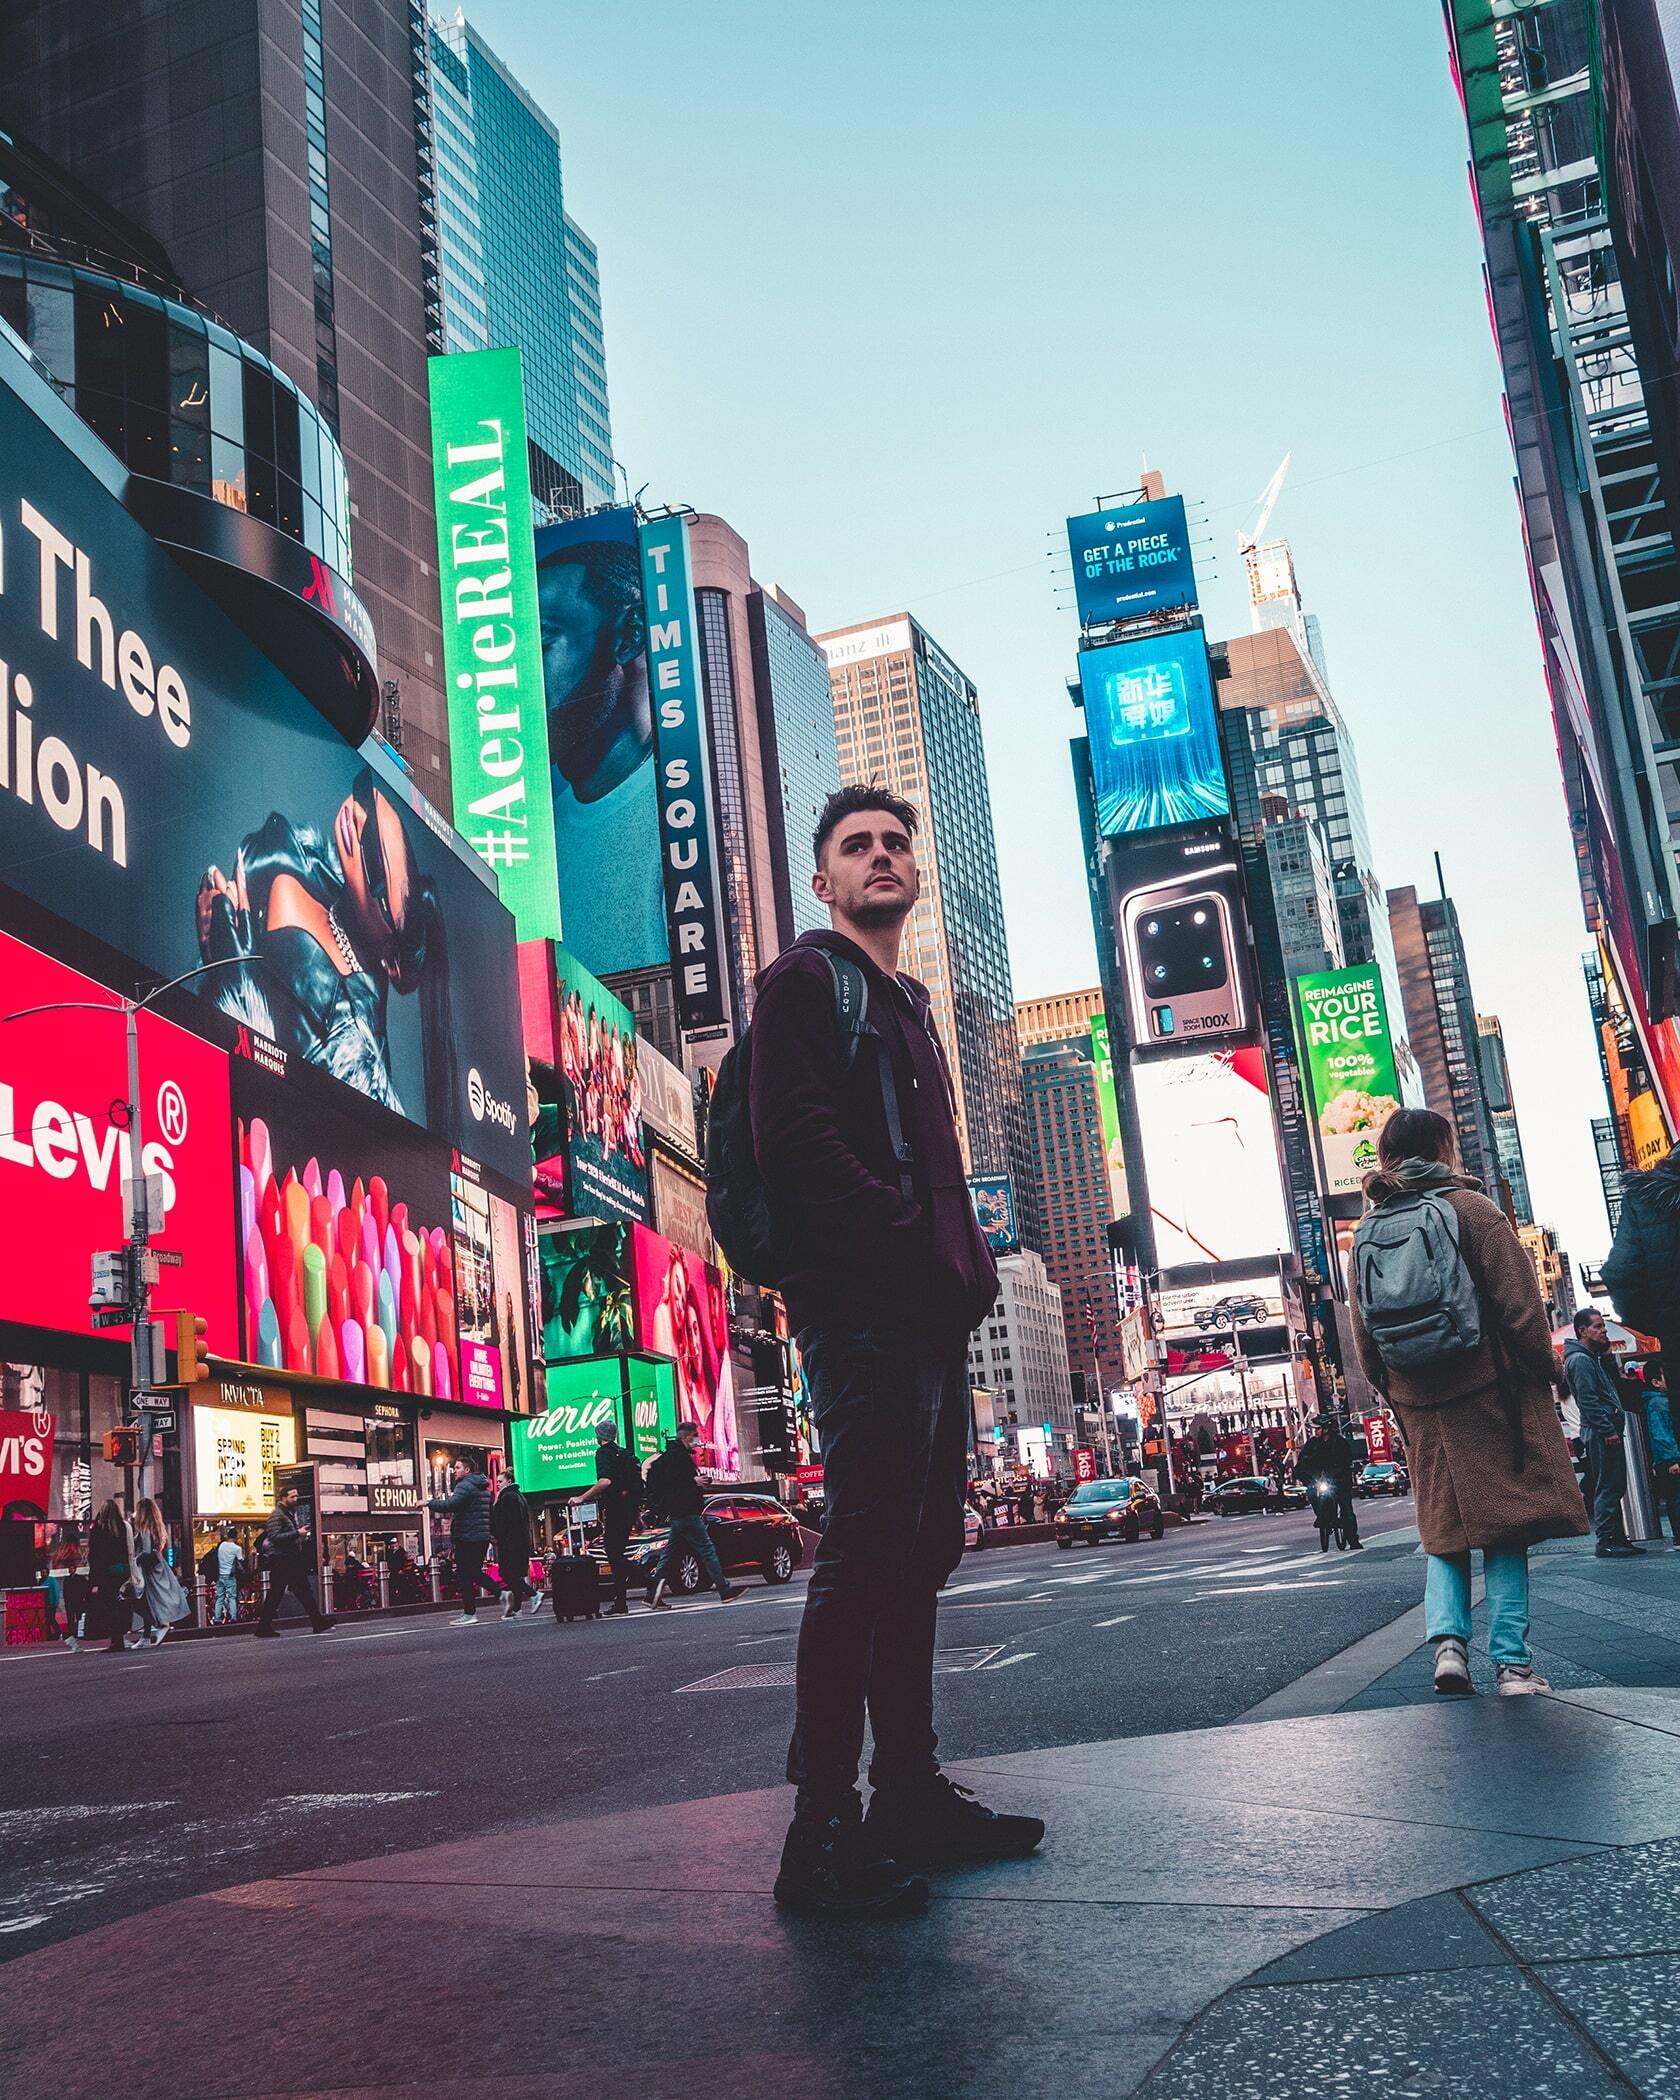 Foto van persoon in New York Time Square uit fotografie collectie mensen van Simon Wijers